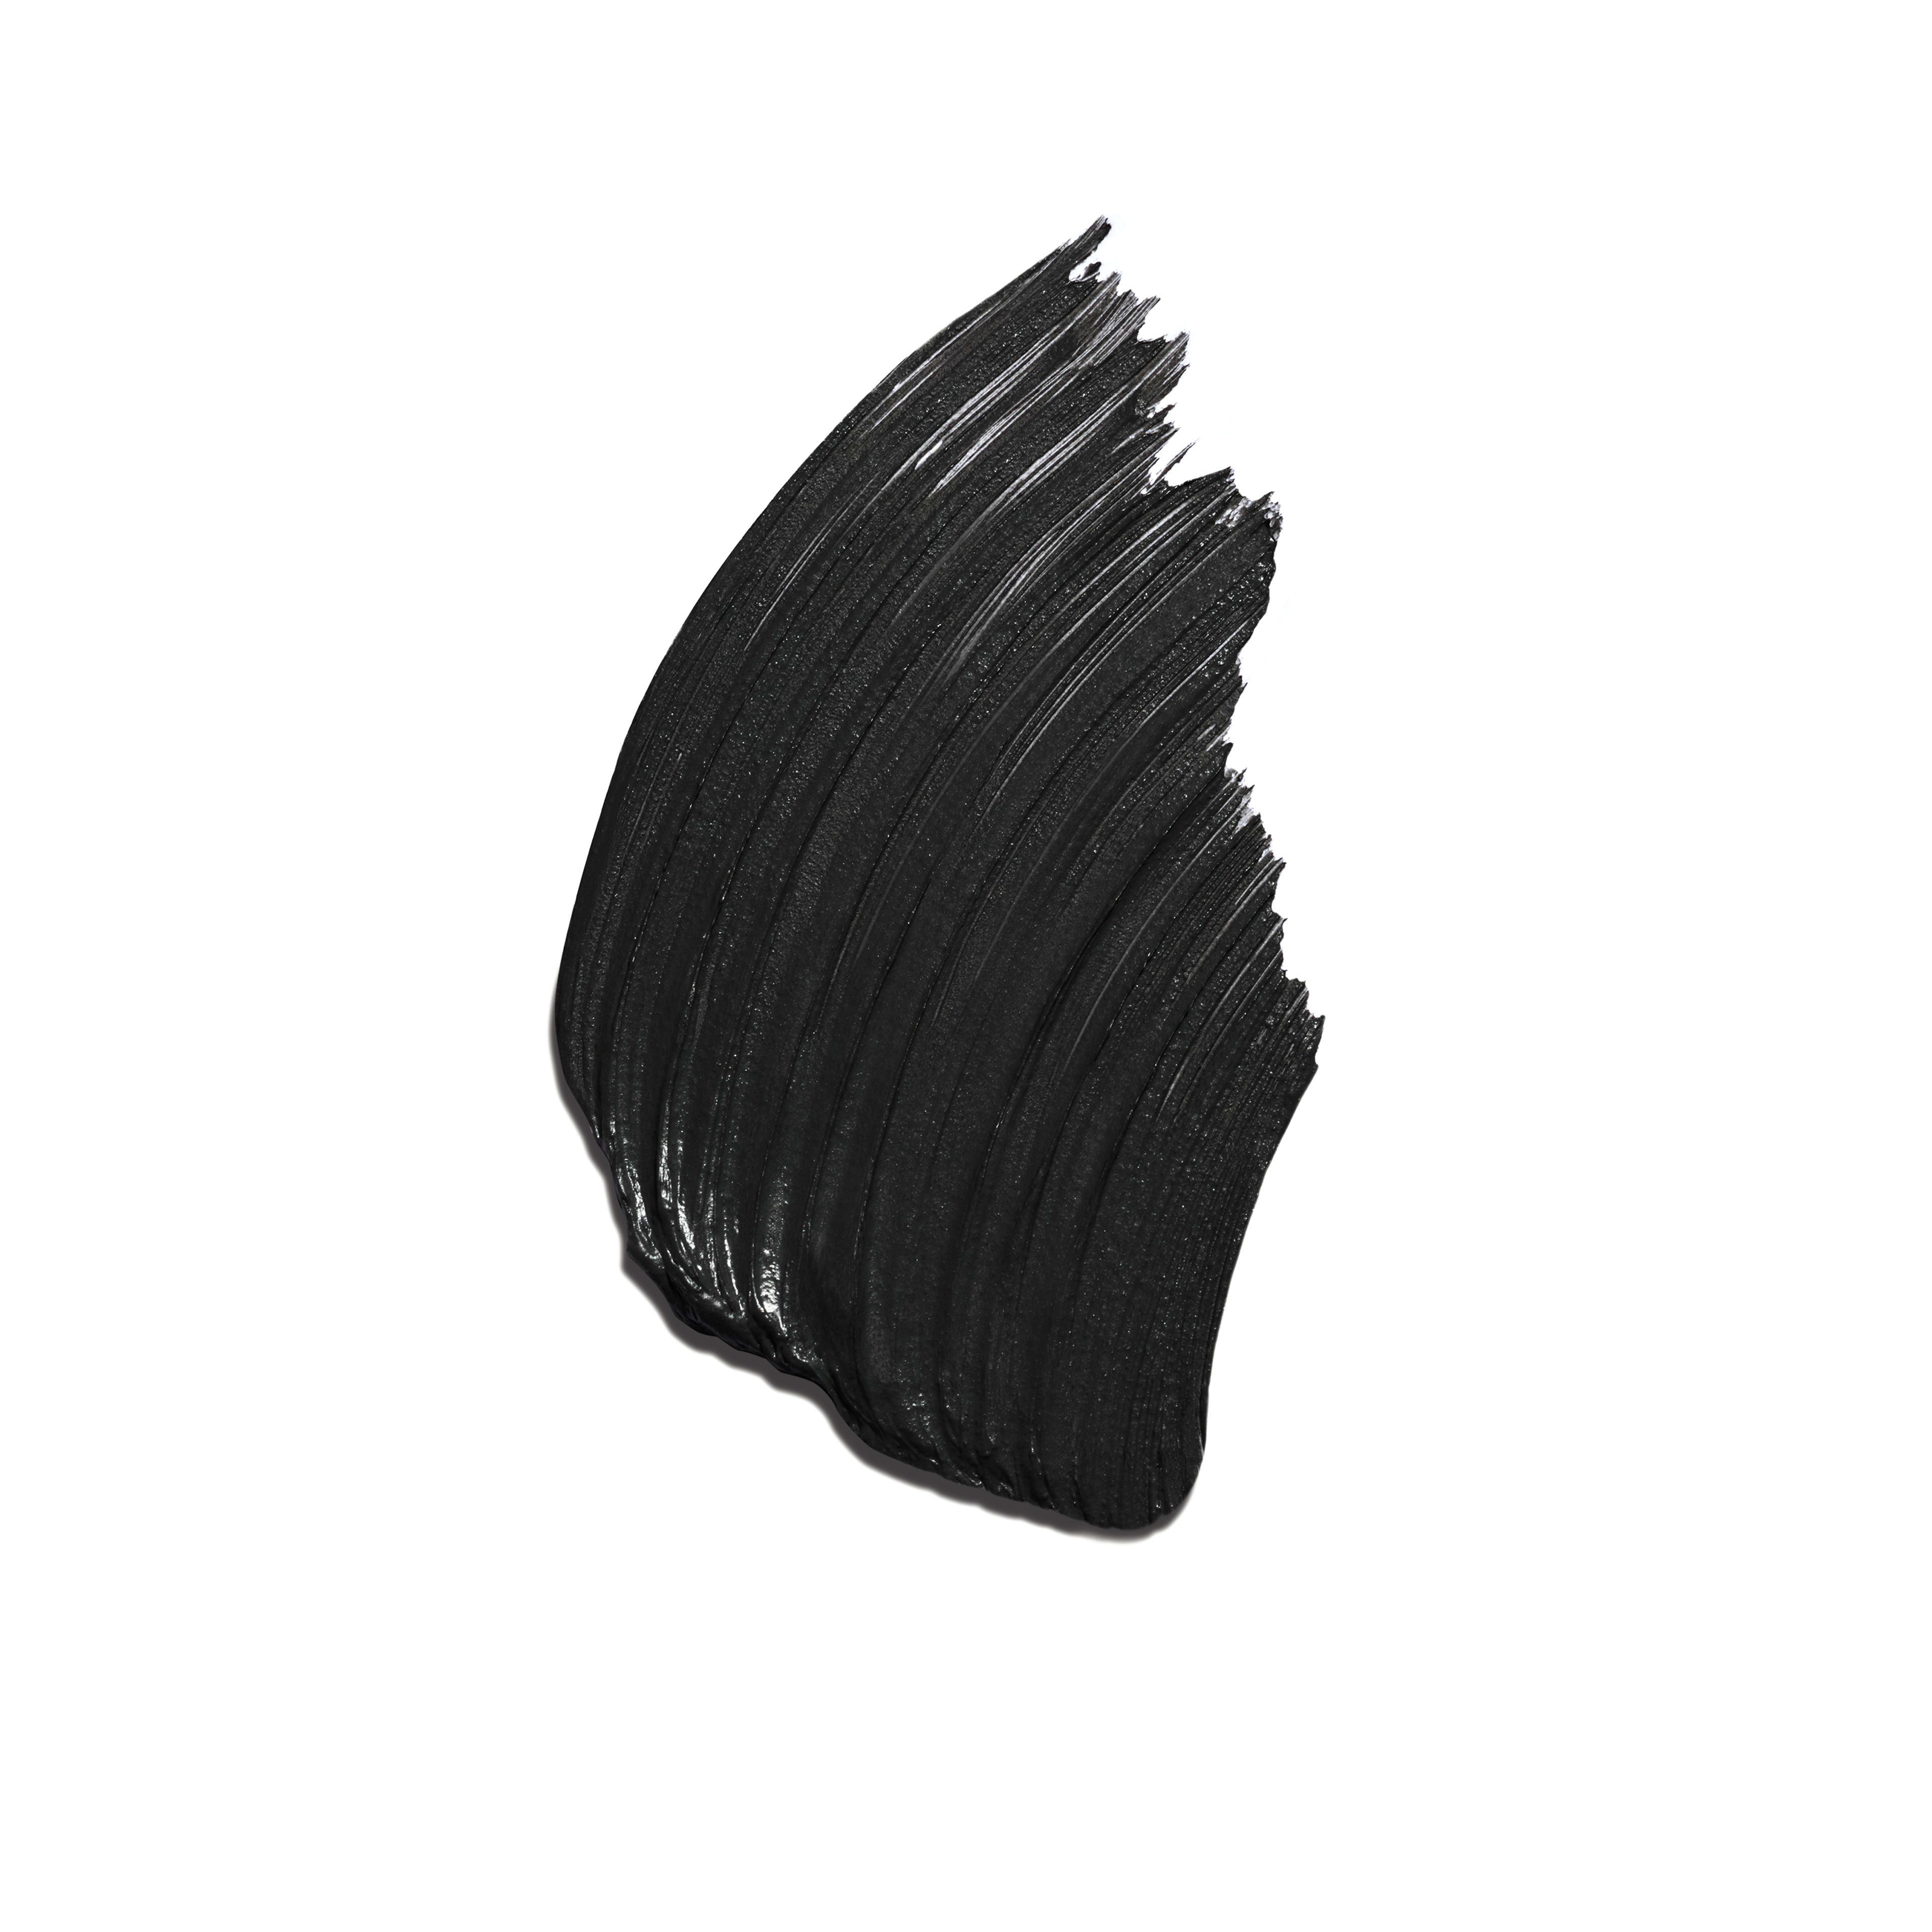 LE VOLUME DE CHANEL WATERPROOF - makeup - 0.21OZ. - Basic texture view